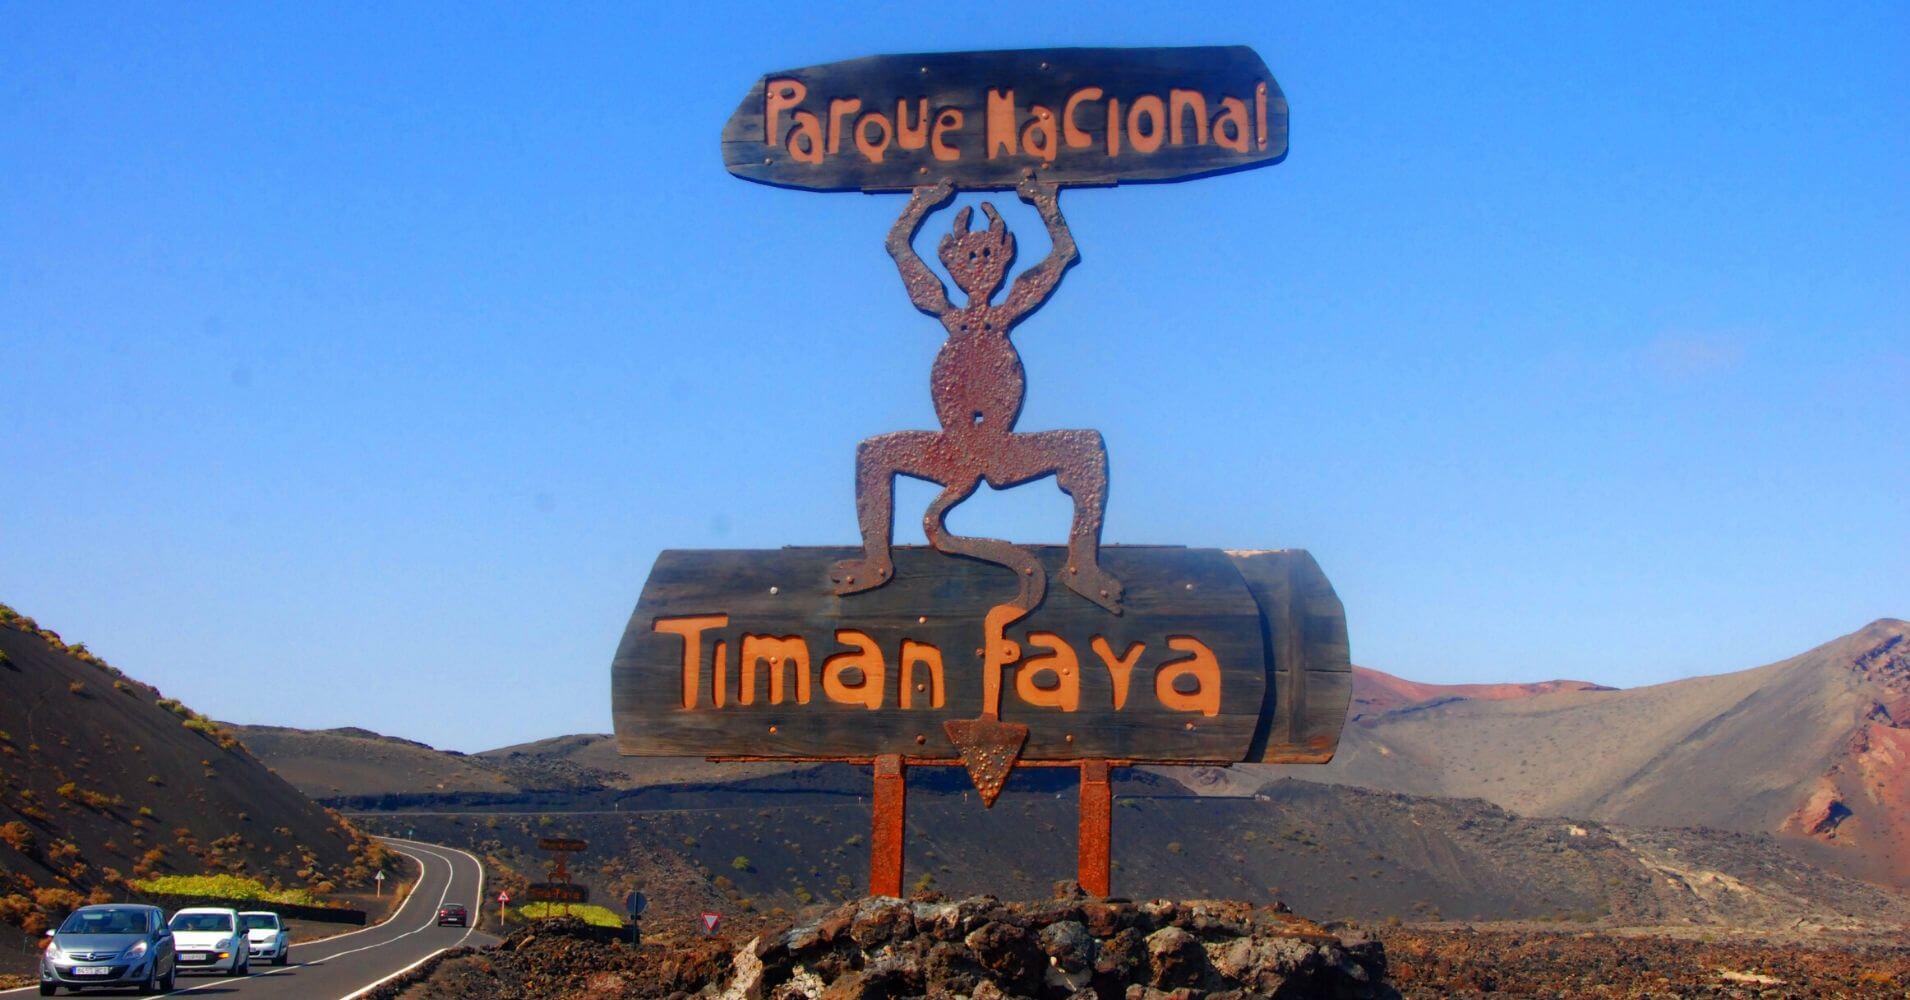 Parques Nacionales de Canarias. Parque Nacional de Timanfaya, Isla de Lanzarote. Islas Canarias.